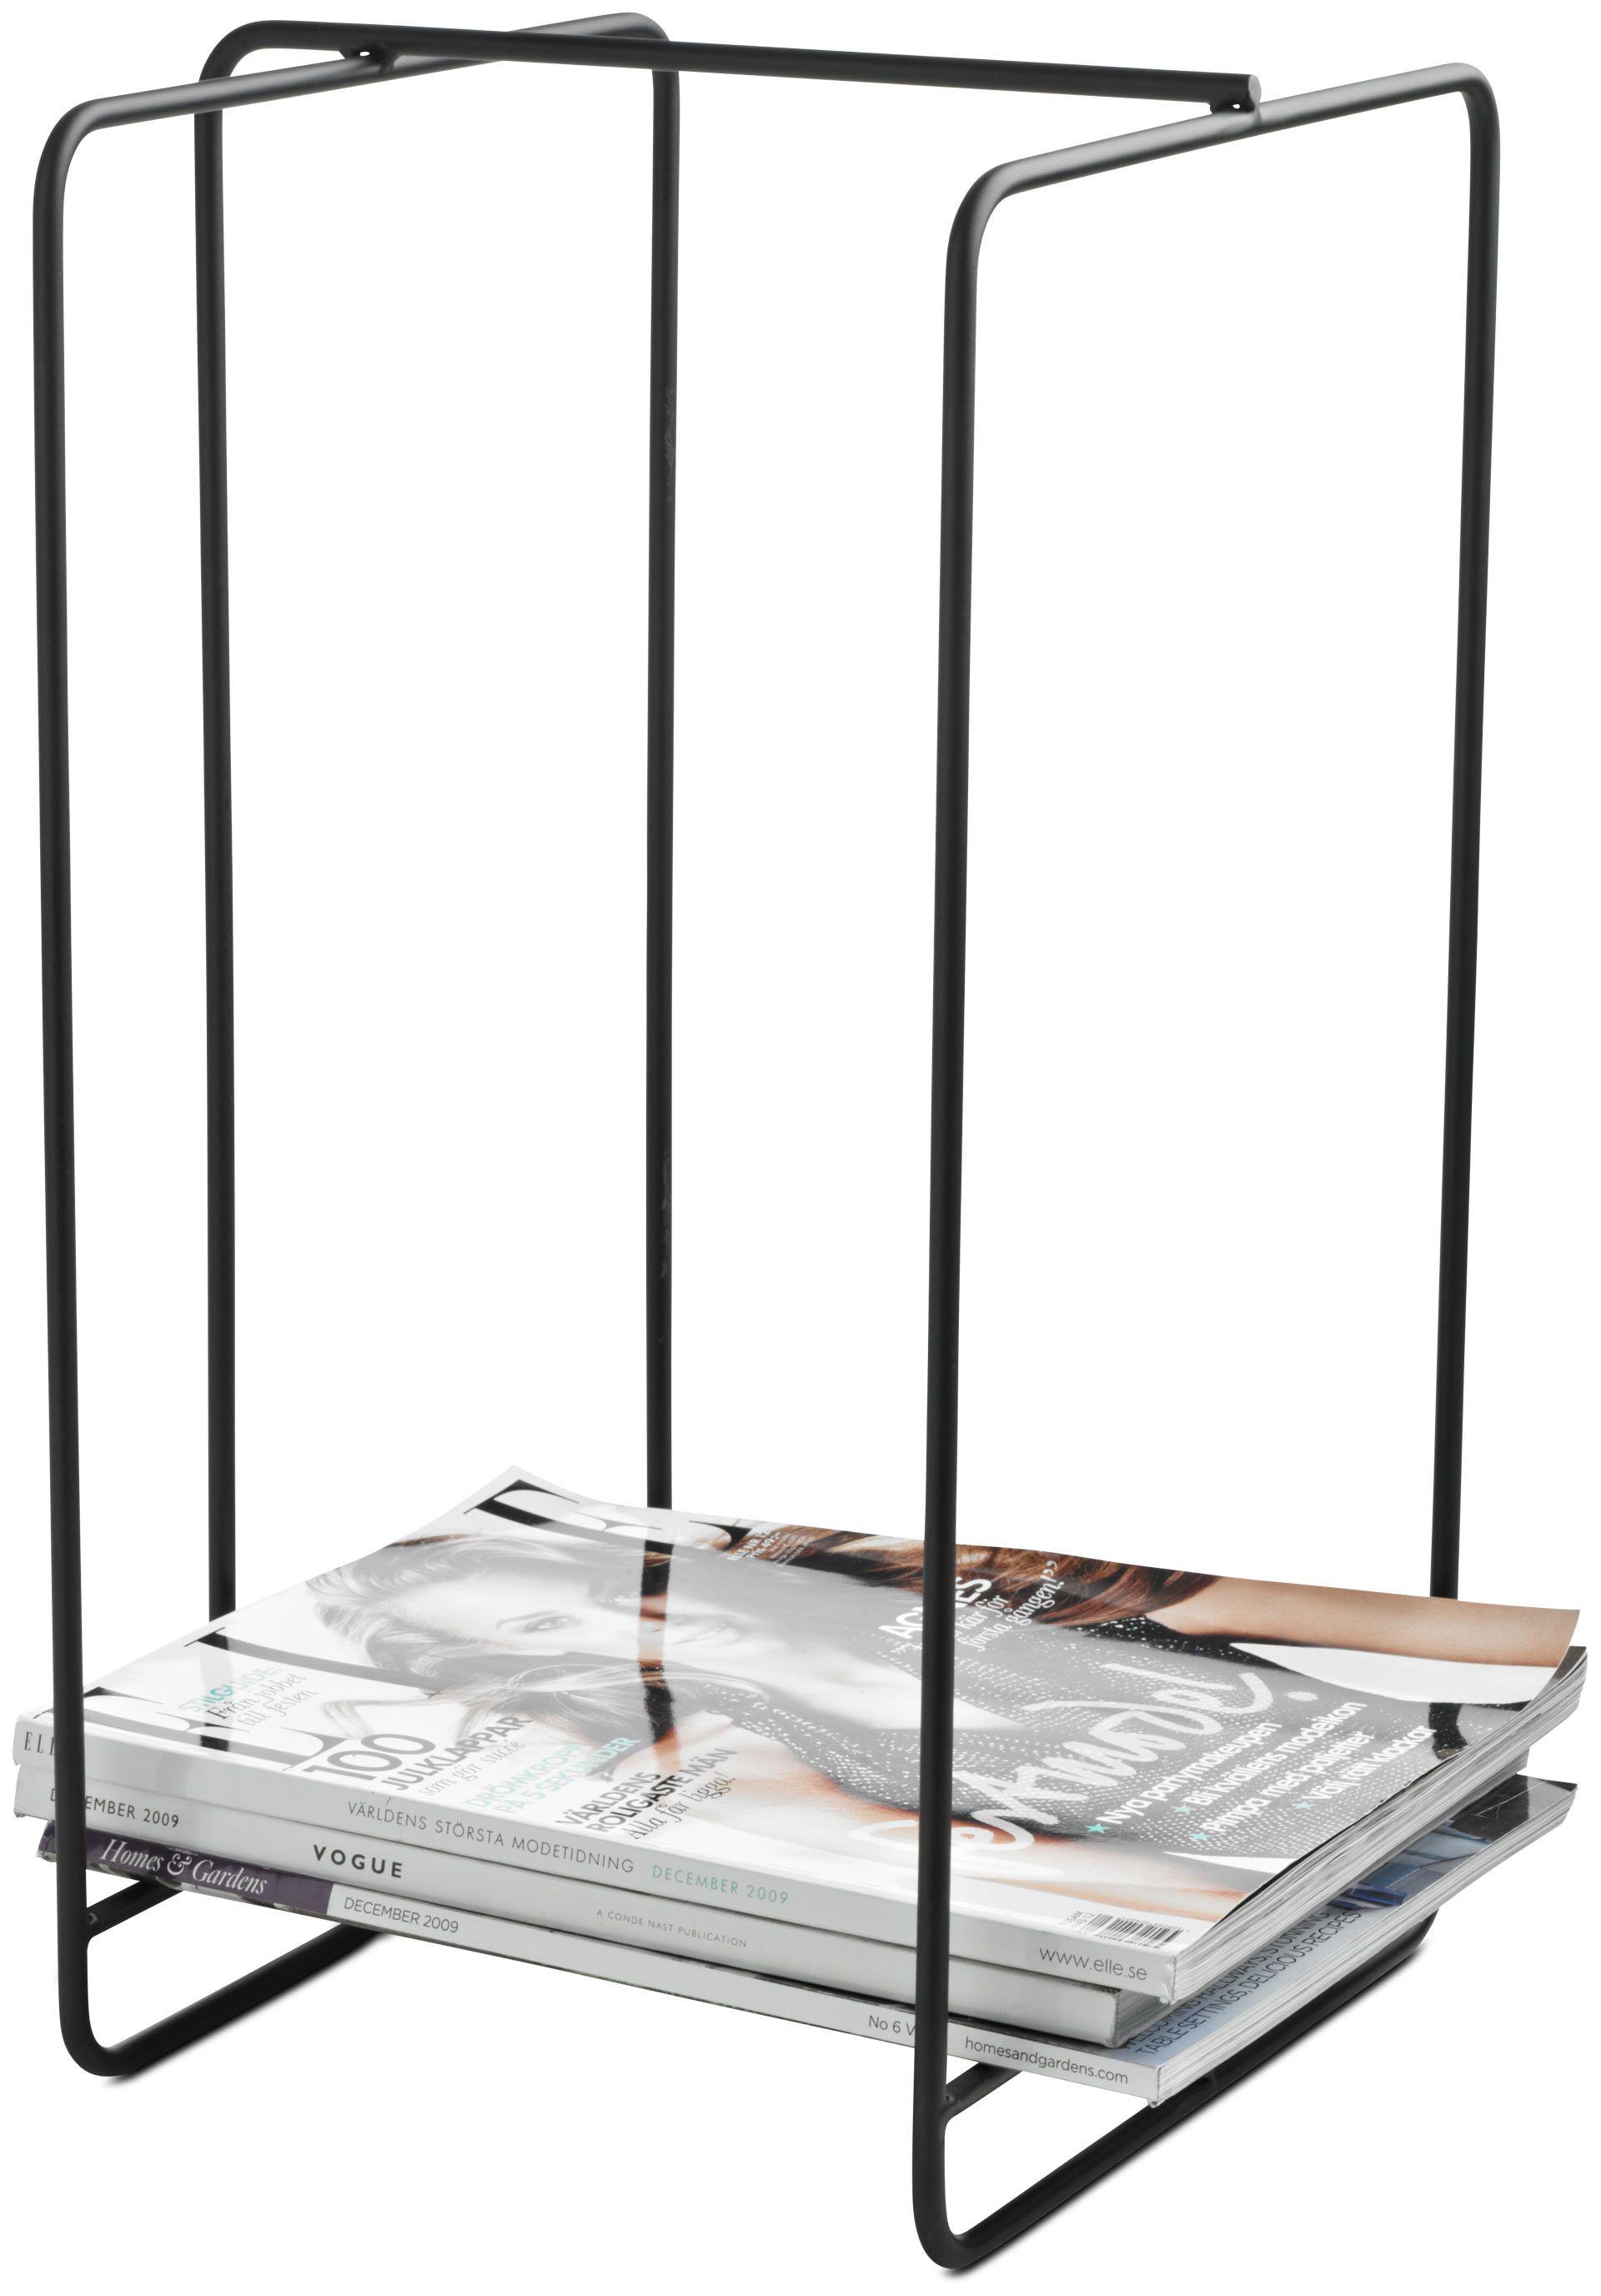 Zeitungsständer Modern design aufbewahrungsboxen zeitungsständer und körbe boconcept